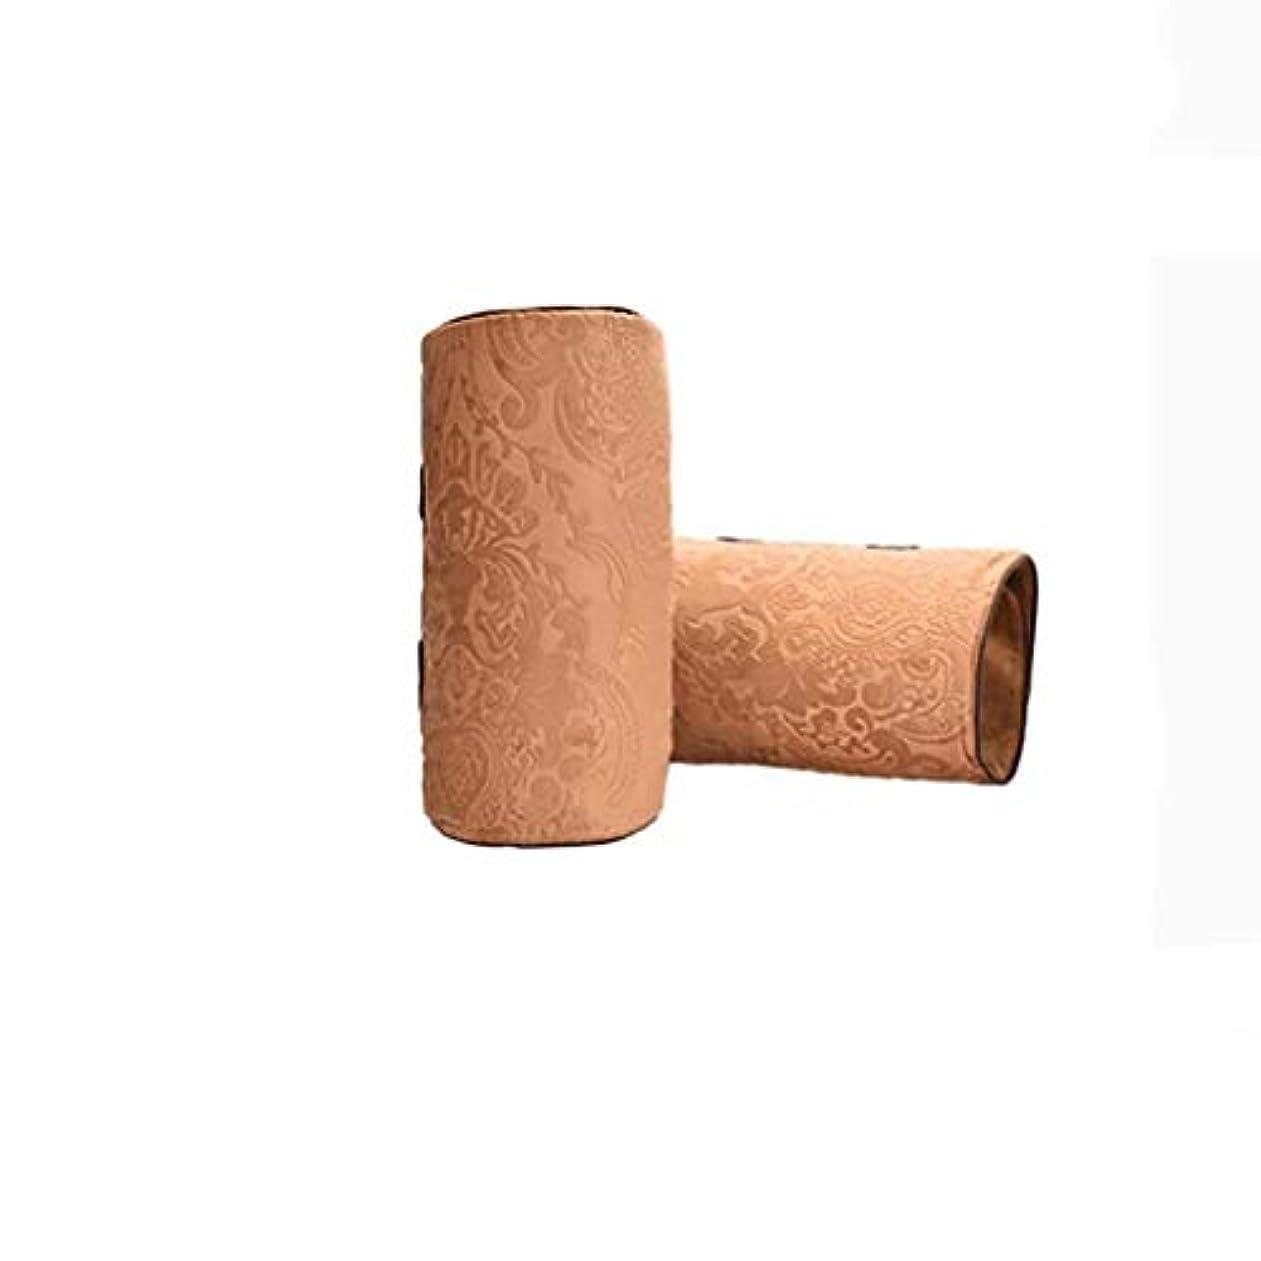 転用シールドタンカー電気膝パッド、温かい寒い膝、温湿布M、半月板、脚の痛み、理学療法、関節の炎症を和らげる (Color : Brown)